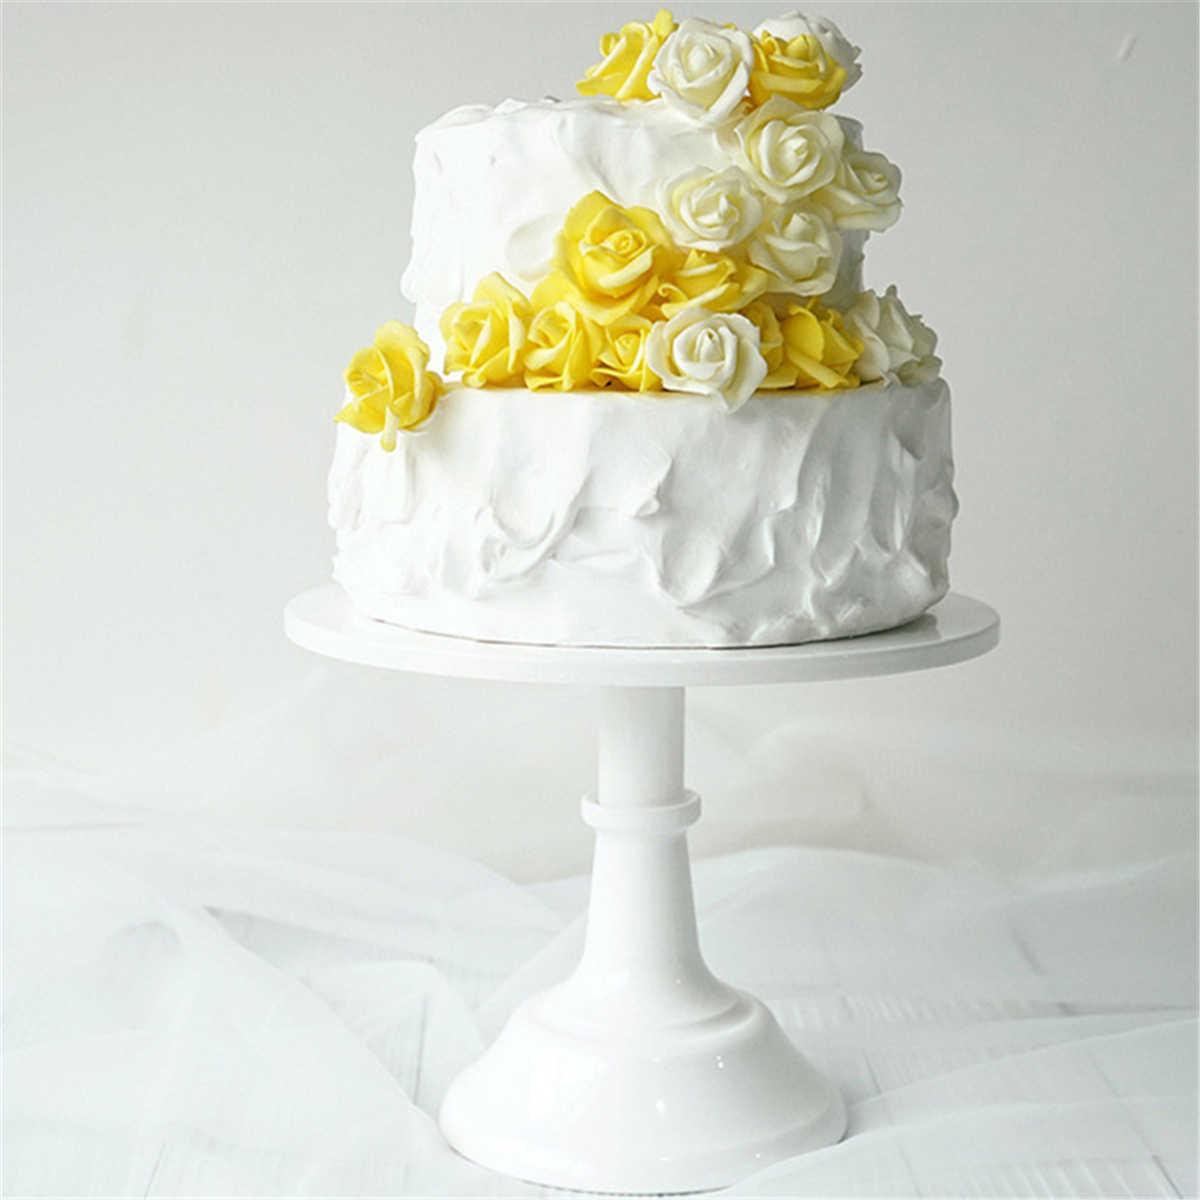 10 Inch Iron White Cake Stand Round Pedestal Dessert Holder Cupcake Display Rack Birthday Wedding Party Decoration Bakeware Stands Aliexpress